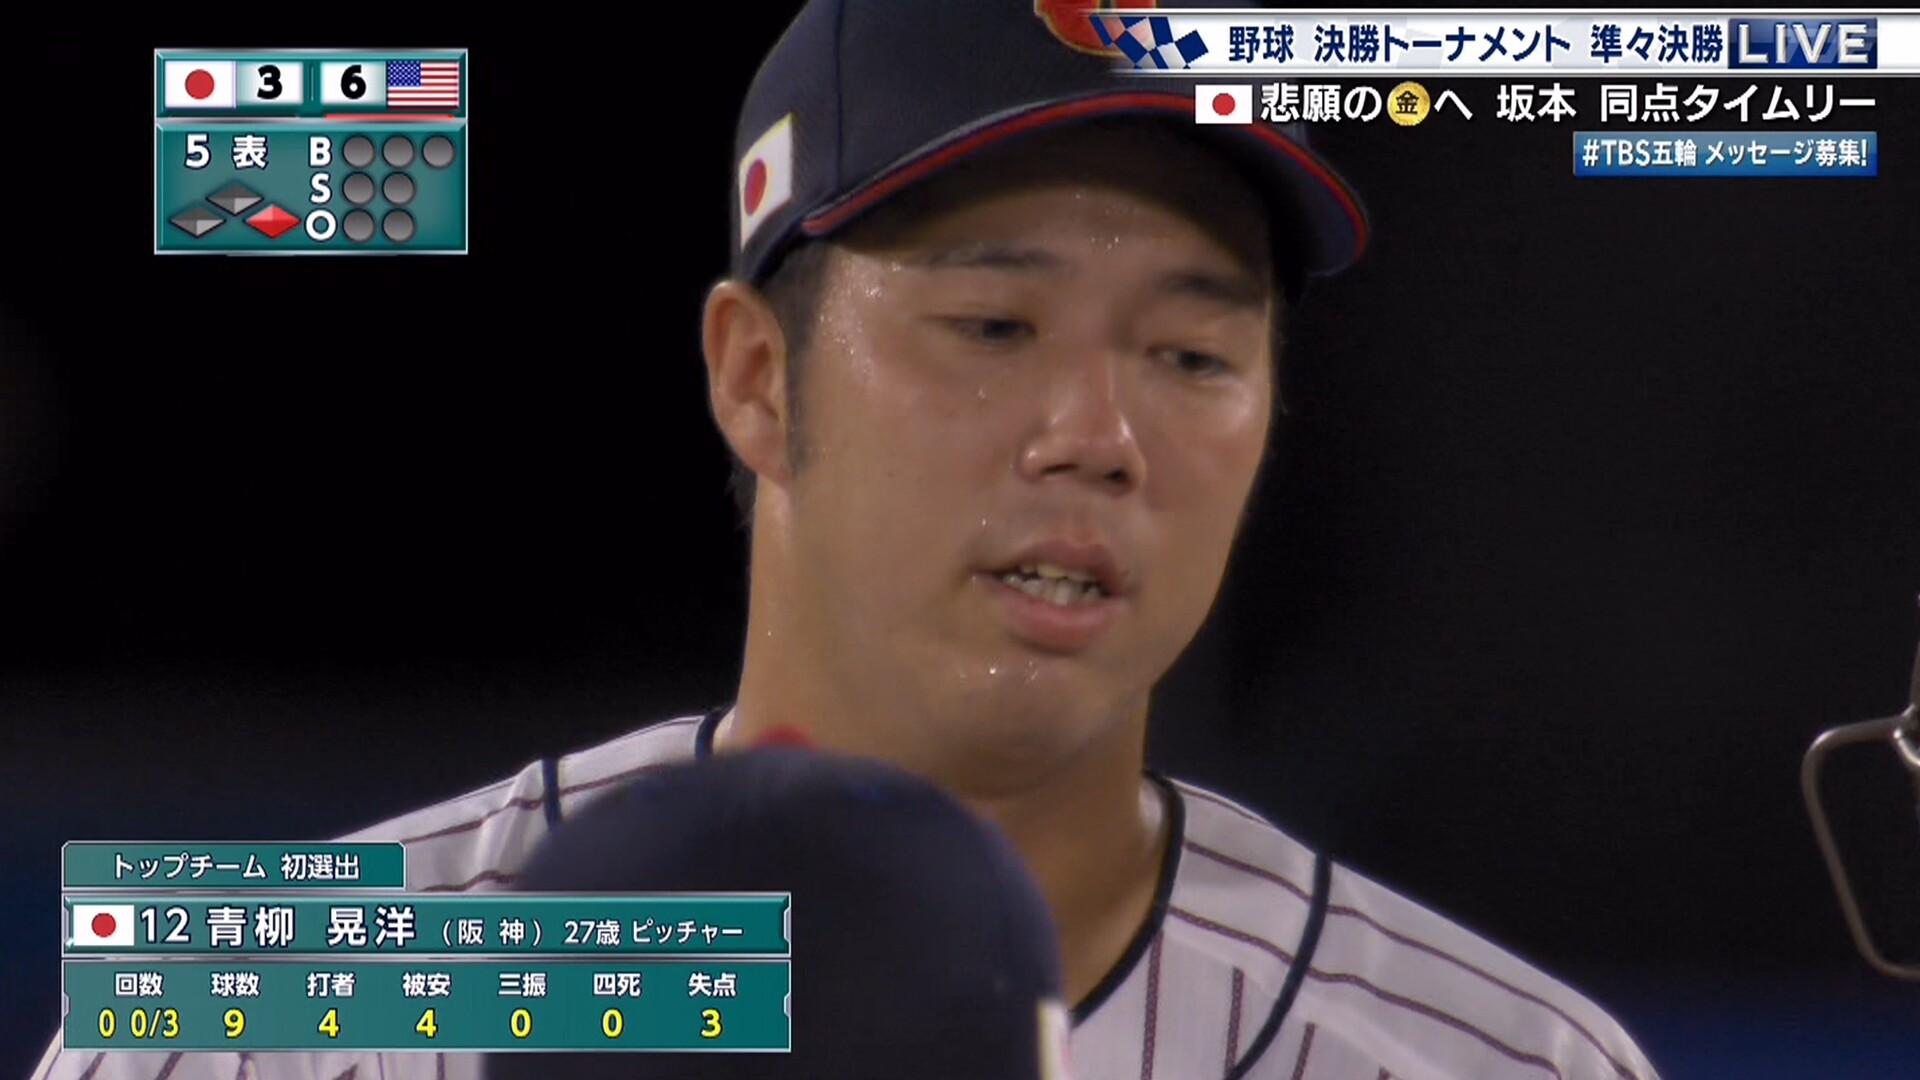 【侍ジャパン】 青柳、リベンジ失敗 また左打者に打ち込まれる